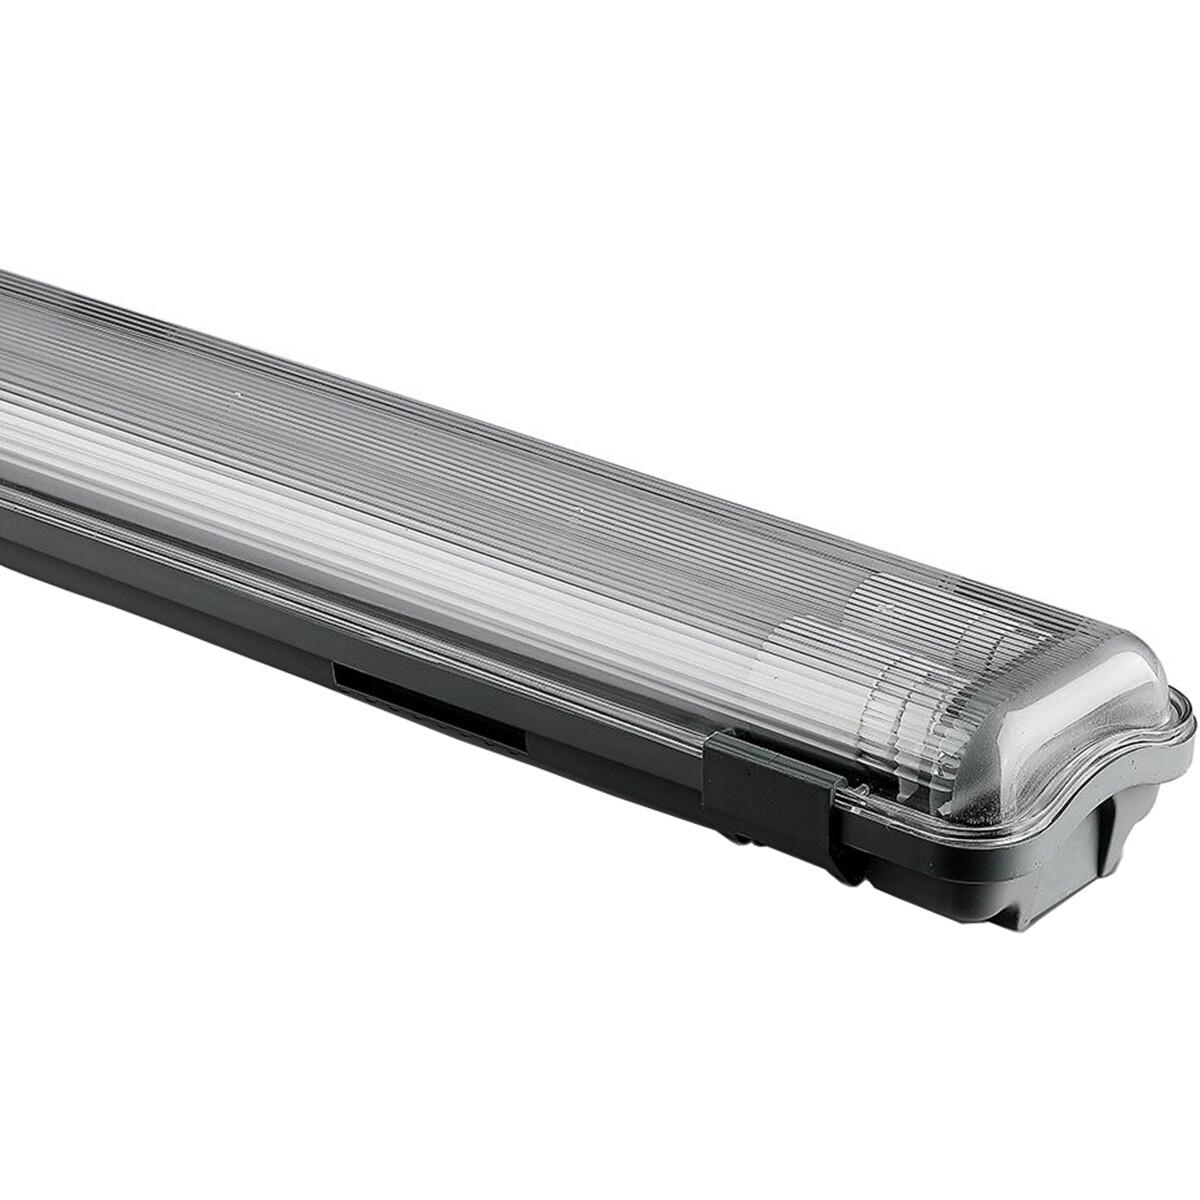 LED TL Armatuur met T8 Buizen - Viron Spasi - 120cm Dubbel - 36W - Helder/Koud Wit 6400K - Mat Grijs - Kunststof